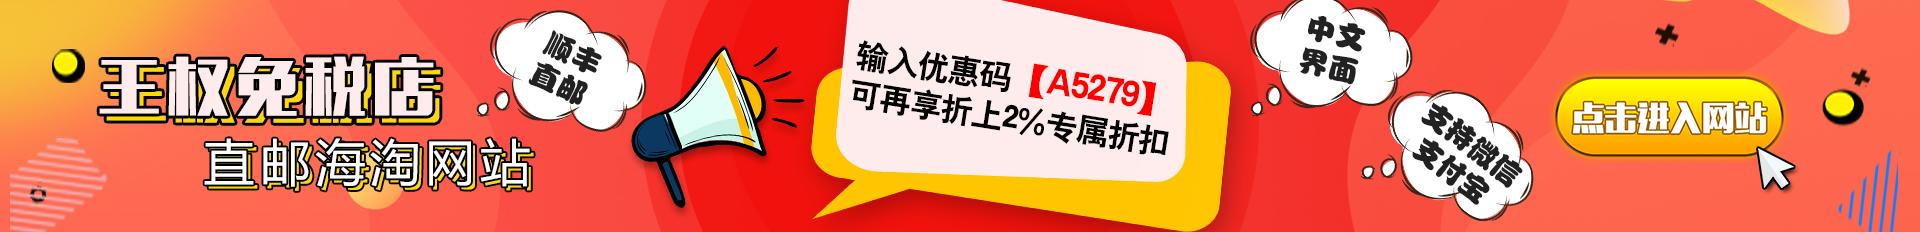 泰海购网站推广